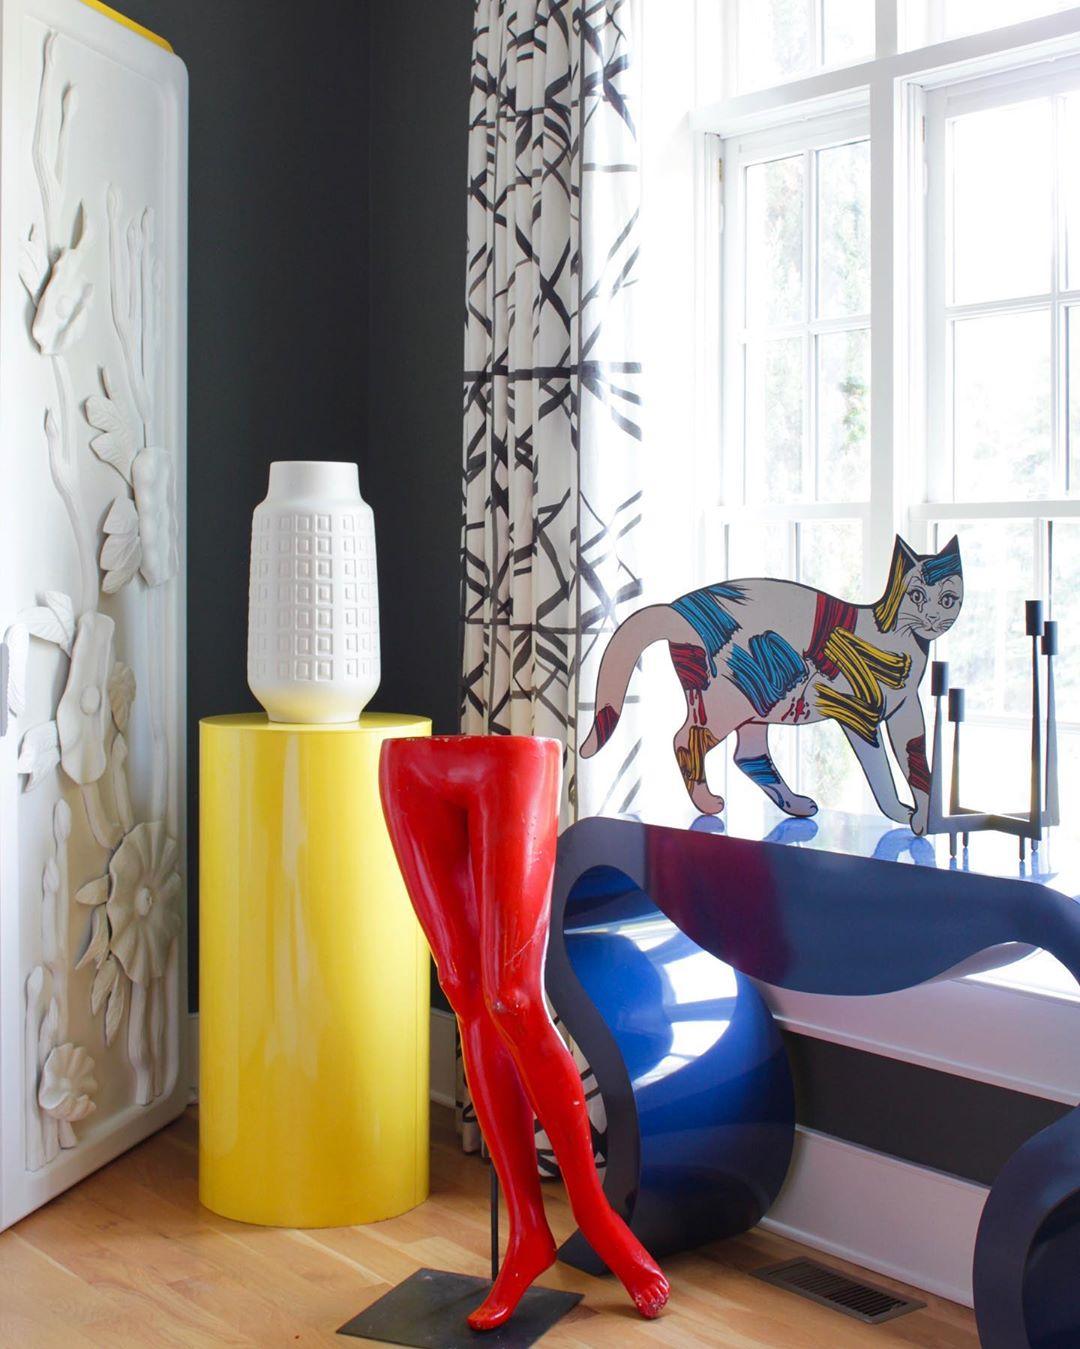 Dom umetnice Angele Chrusciaki Blehm je umetnička instalacija u boji (фото 2)